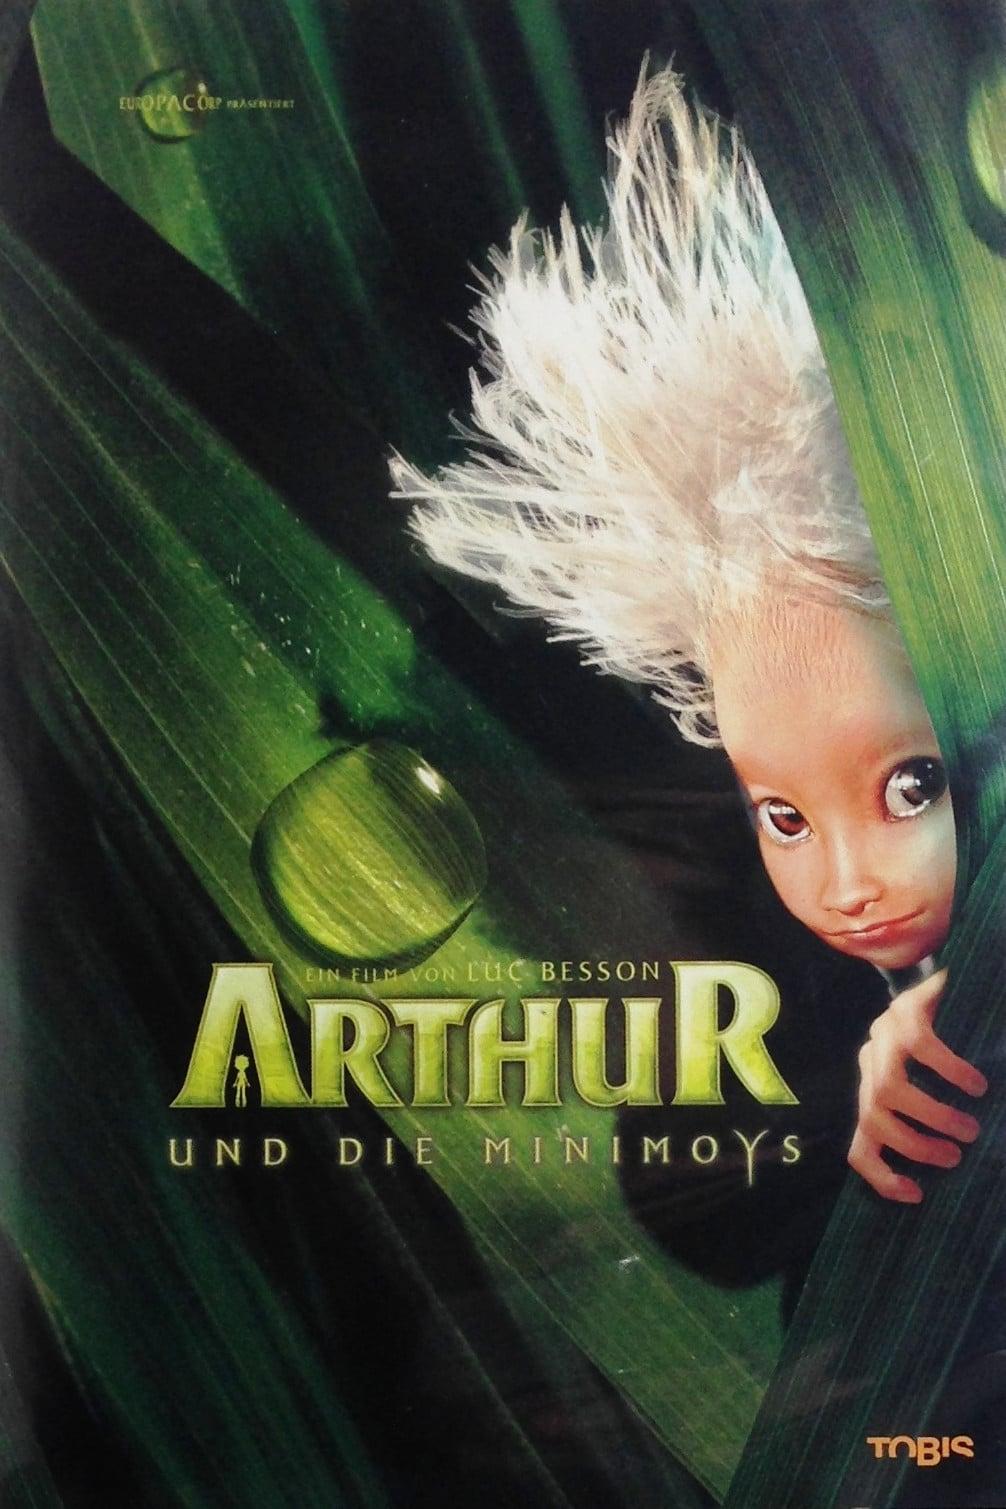 Arthur Und Die Minimoys 1 Ganzer Film Deutsch